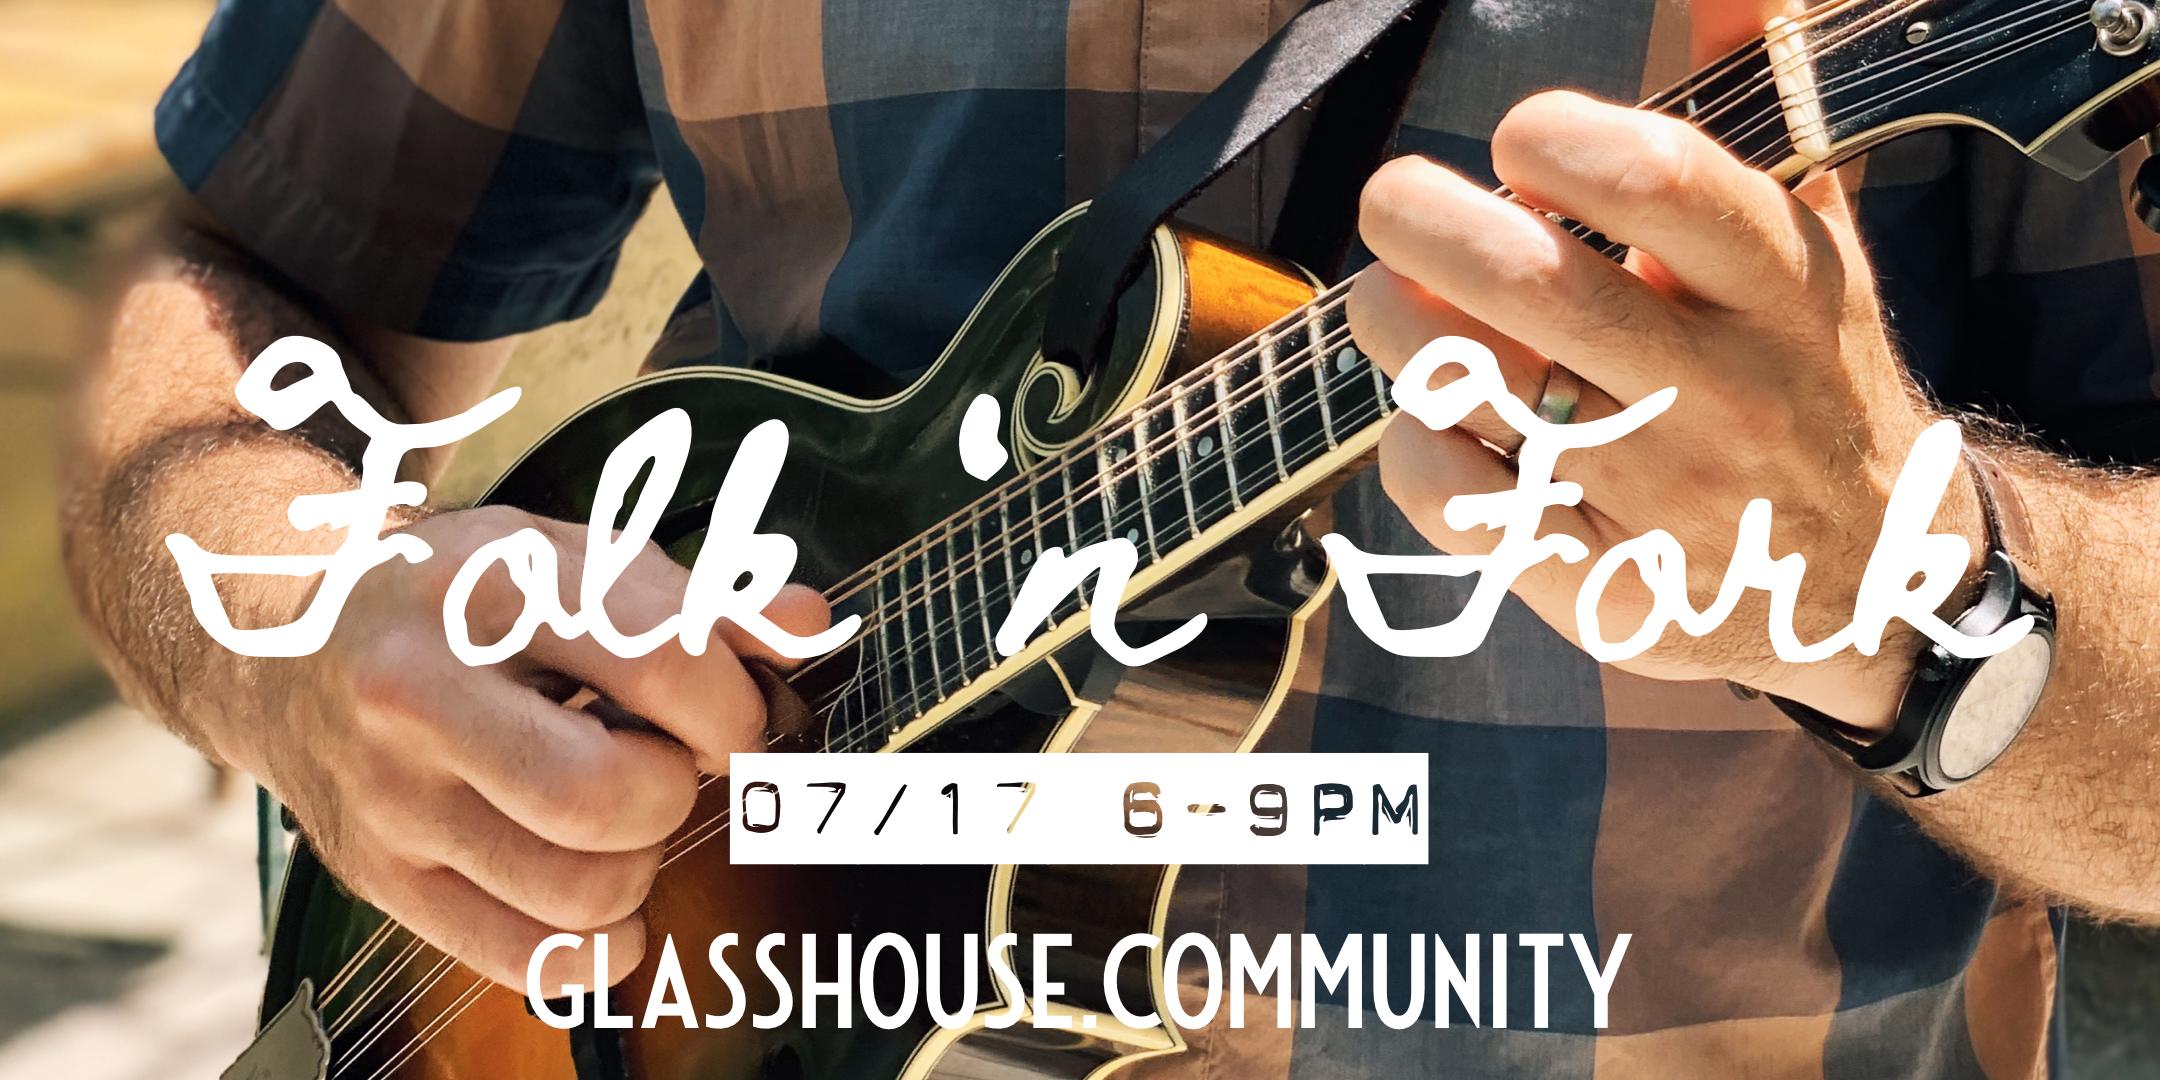 Folk 'n Fork concert information